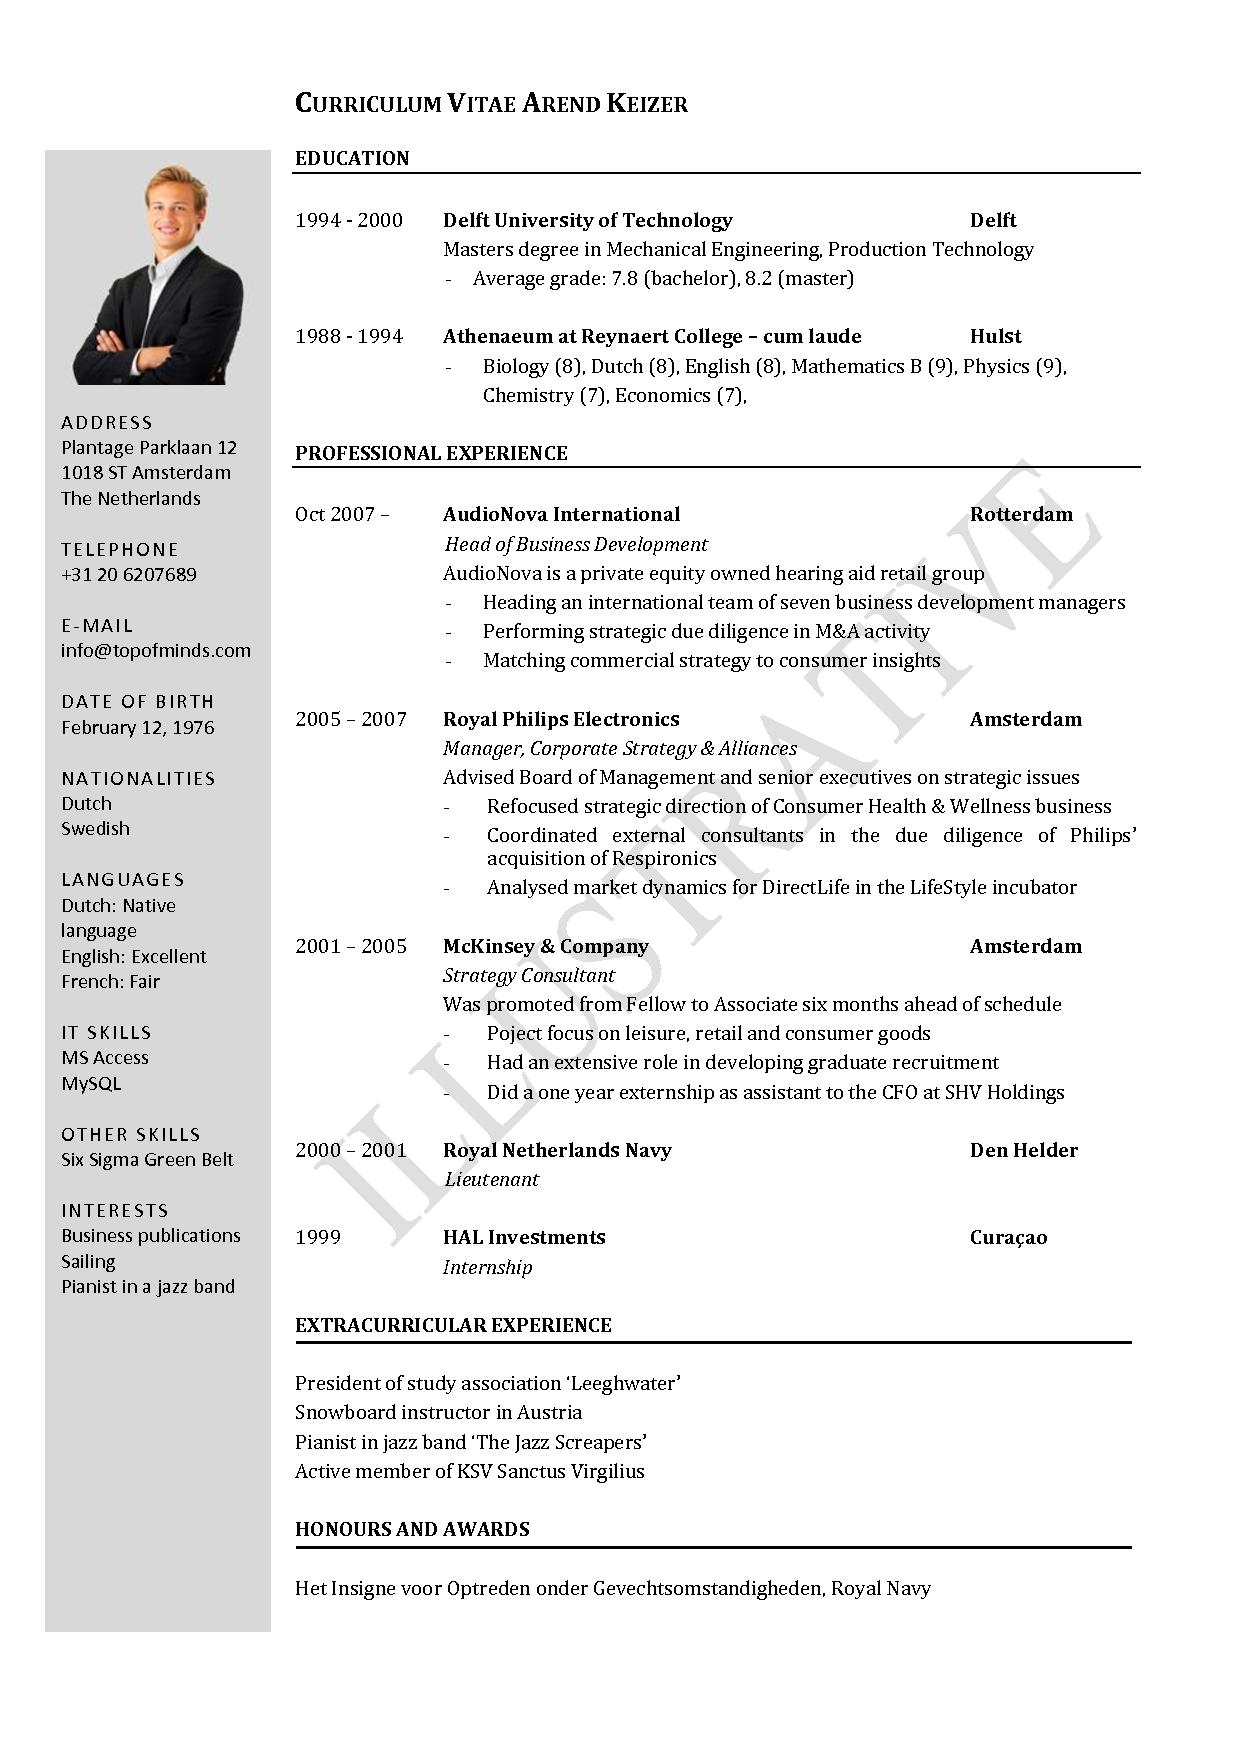 Resume Templates Curriculum Vitae